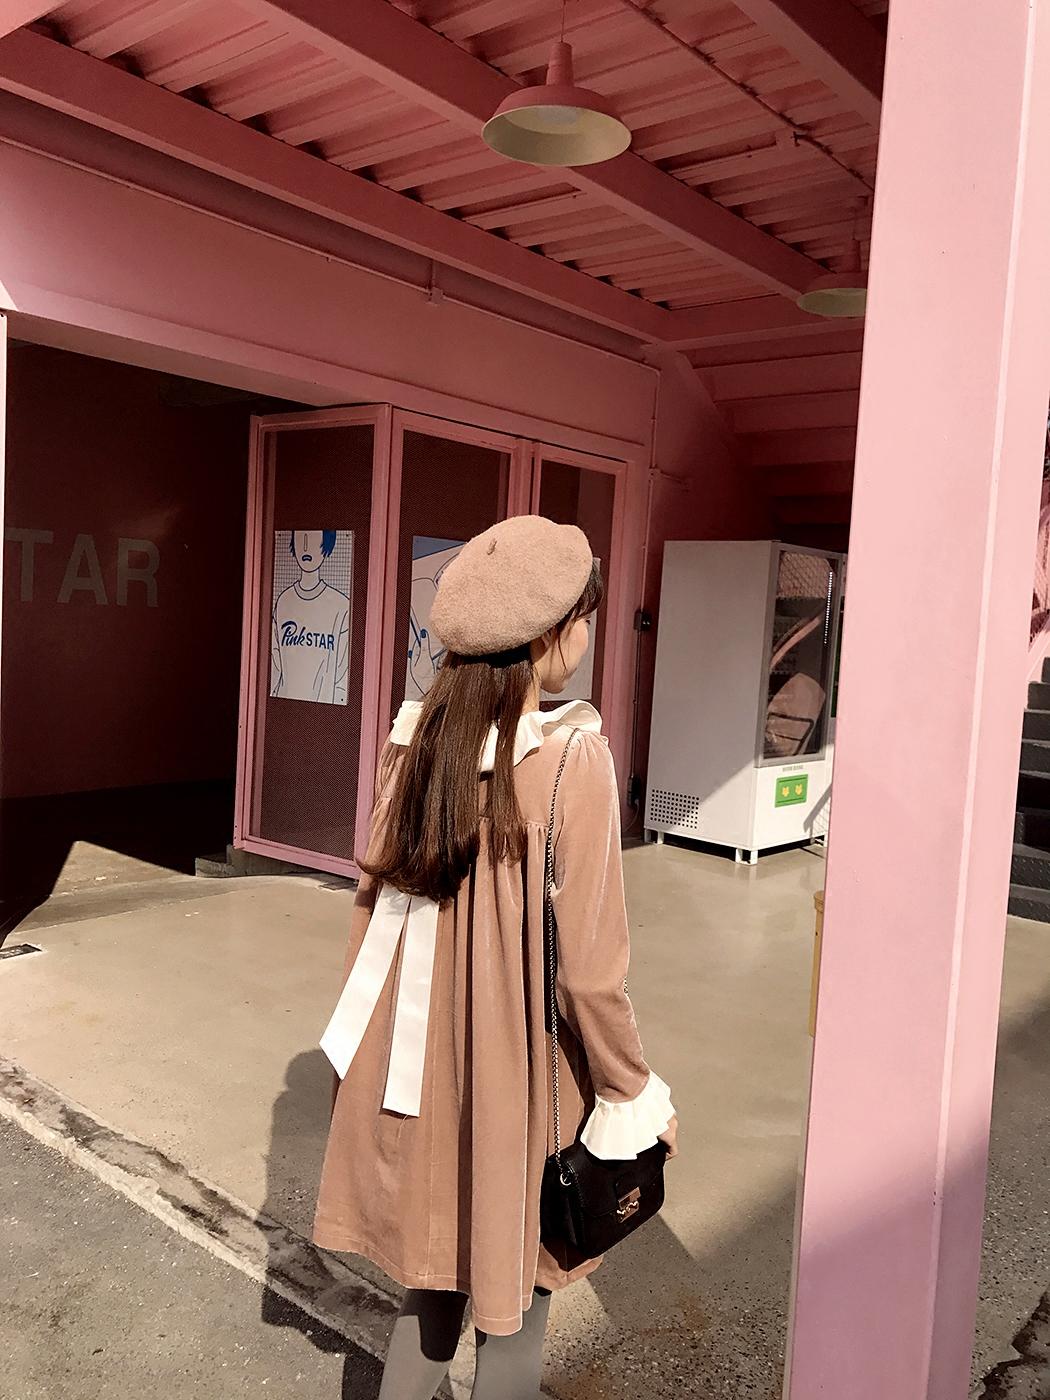 包邮。【ANLI STYLE】洛丽塔小公举 荷叶领 蝴蝶丝绒宽松娃娃裙